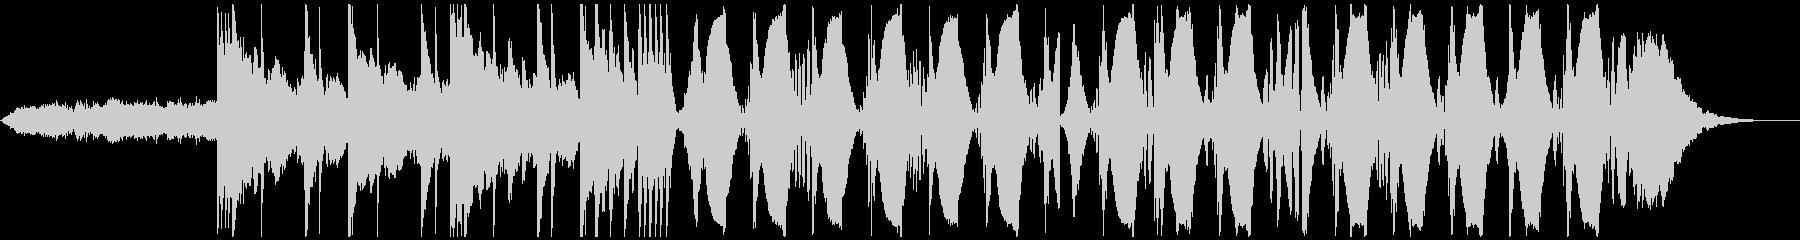 海外ブランドCM FutureBassの未再生の波形